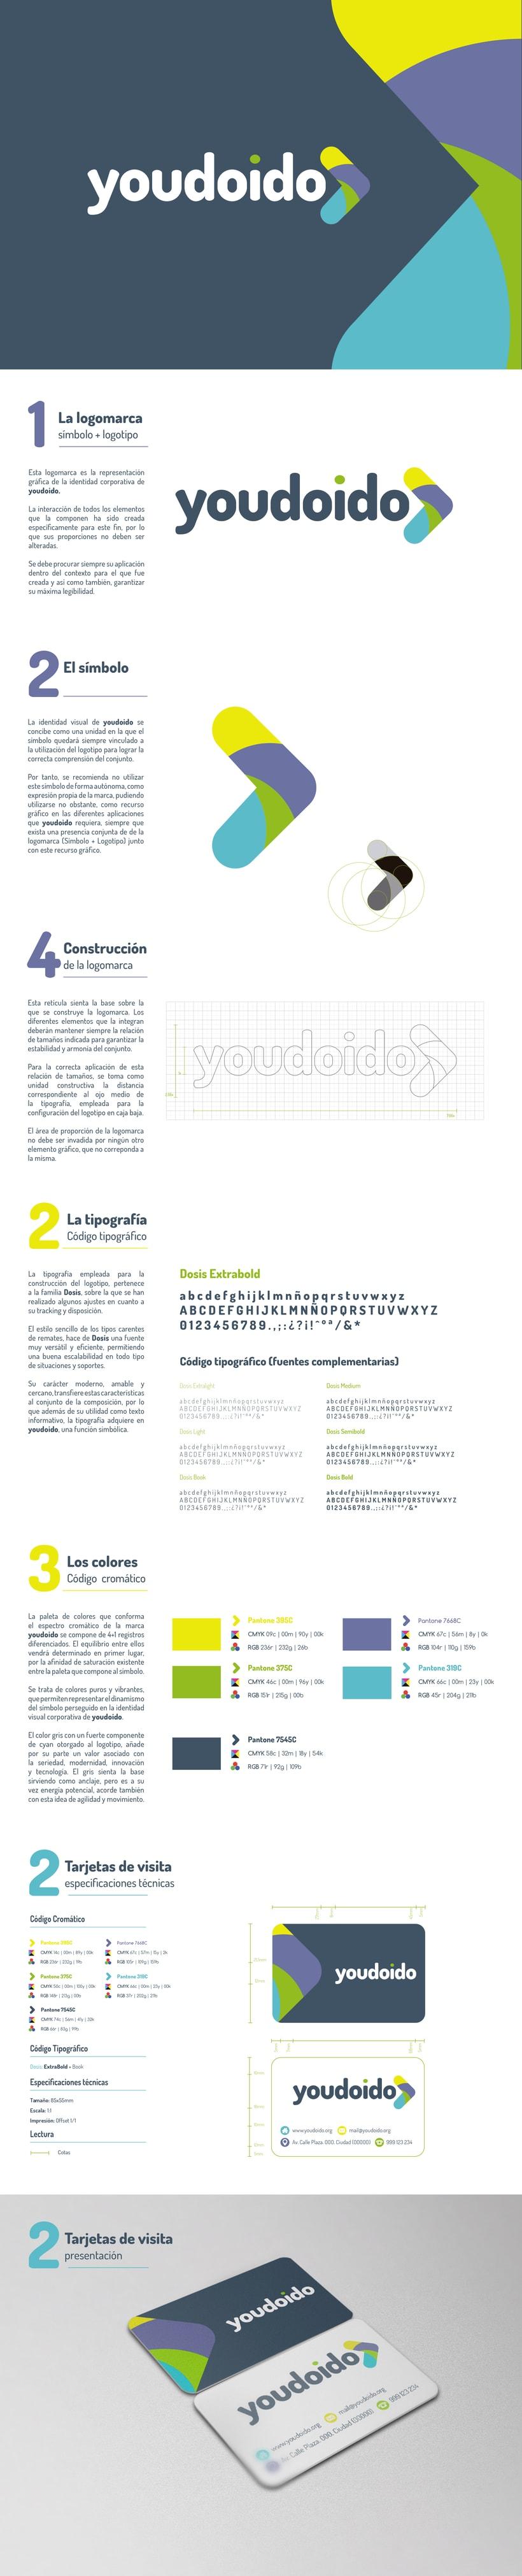 youdoido - La comunidad del Crowdfunding -1